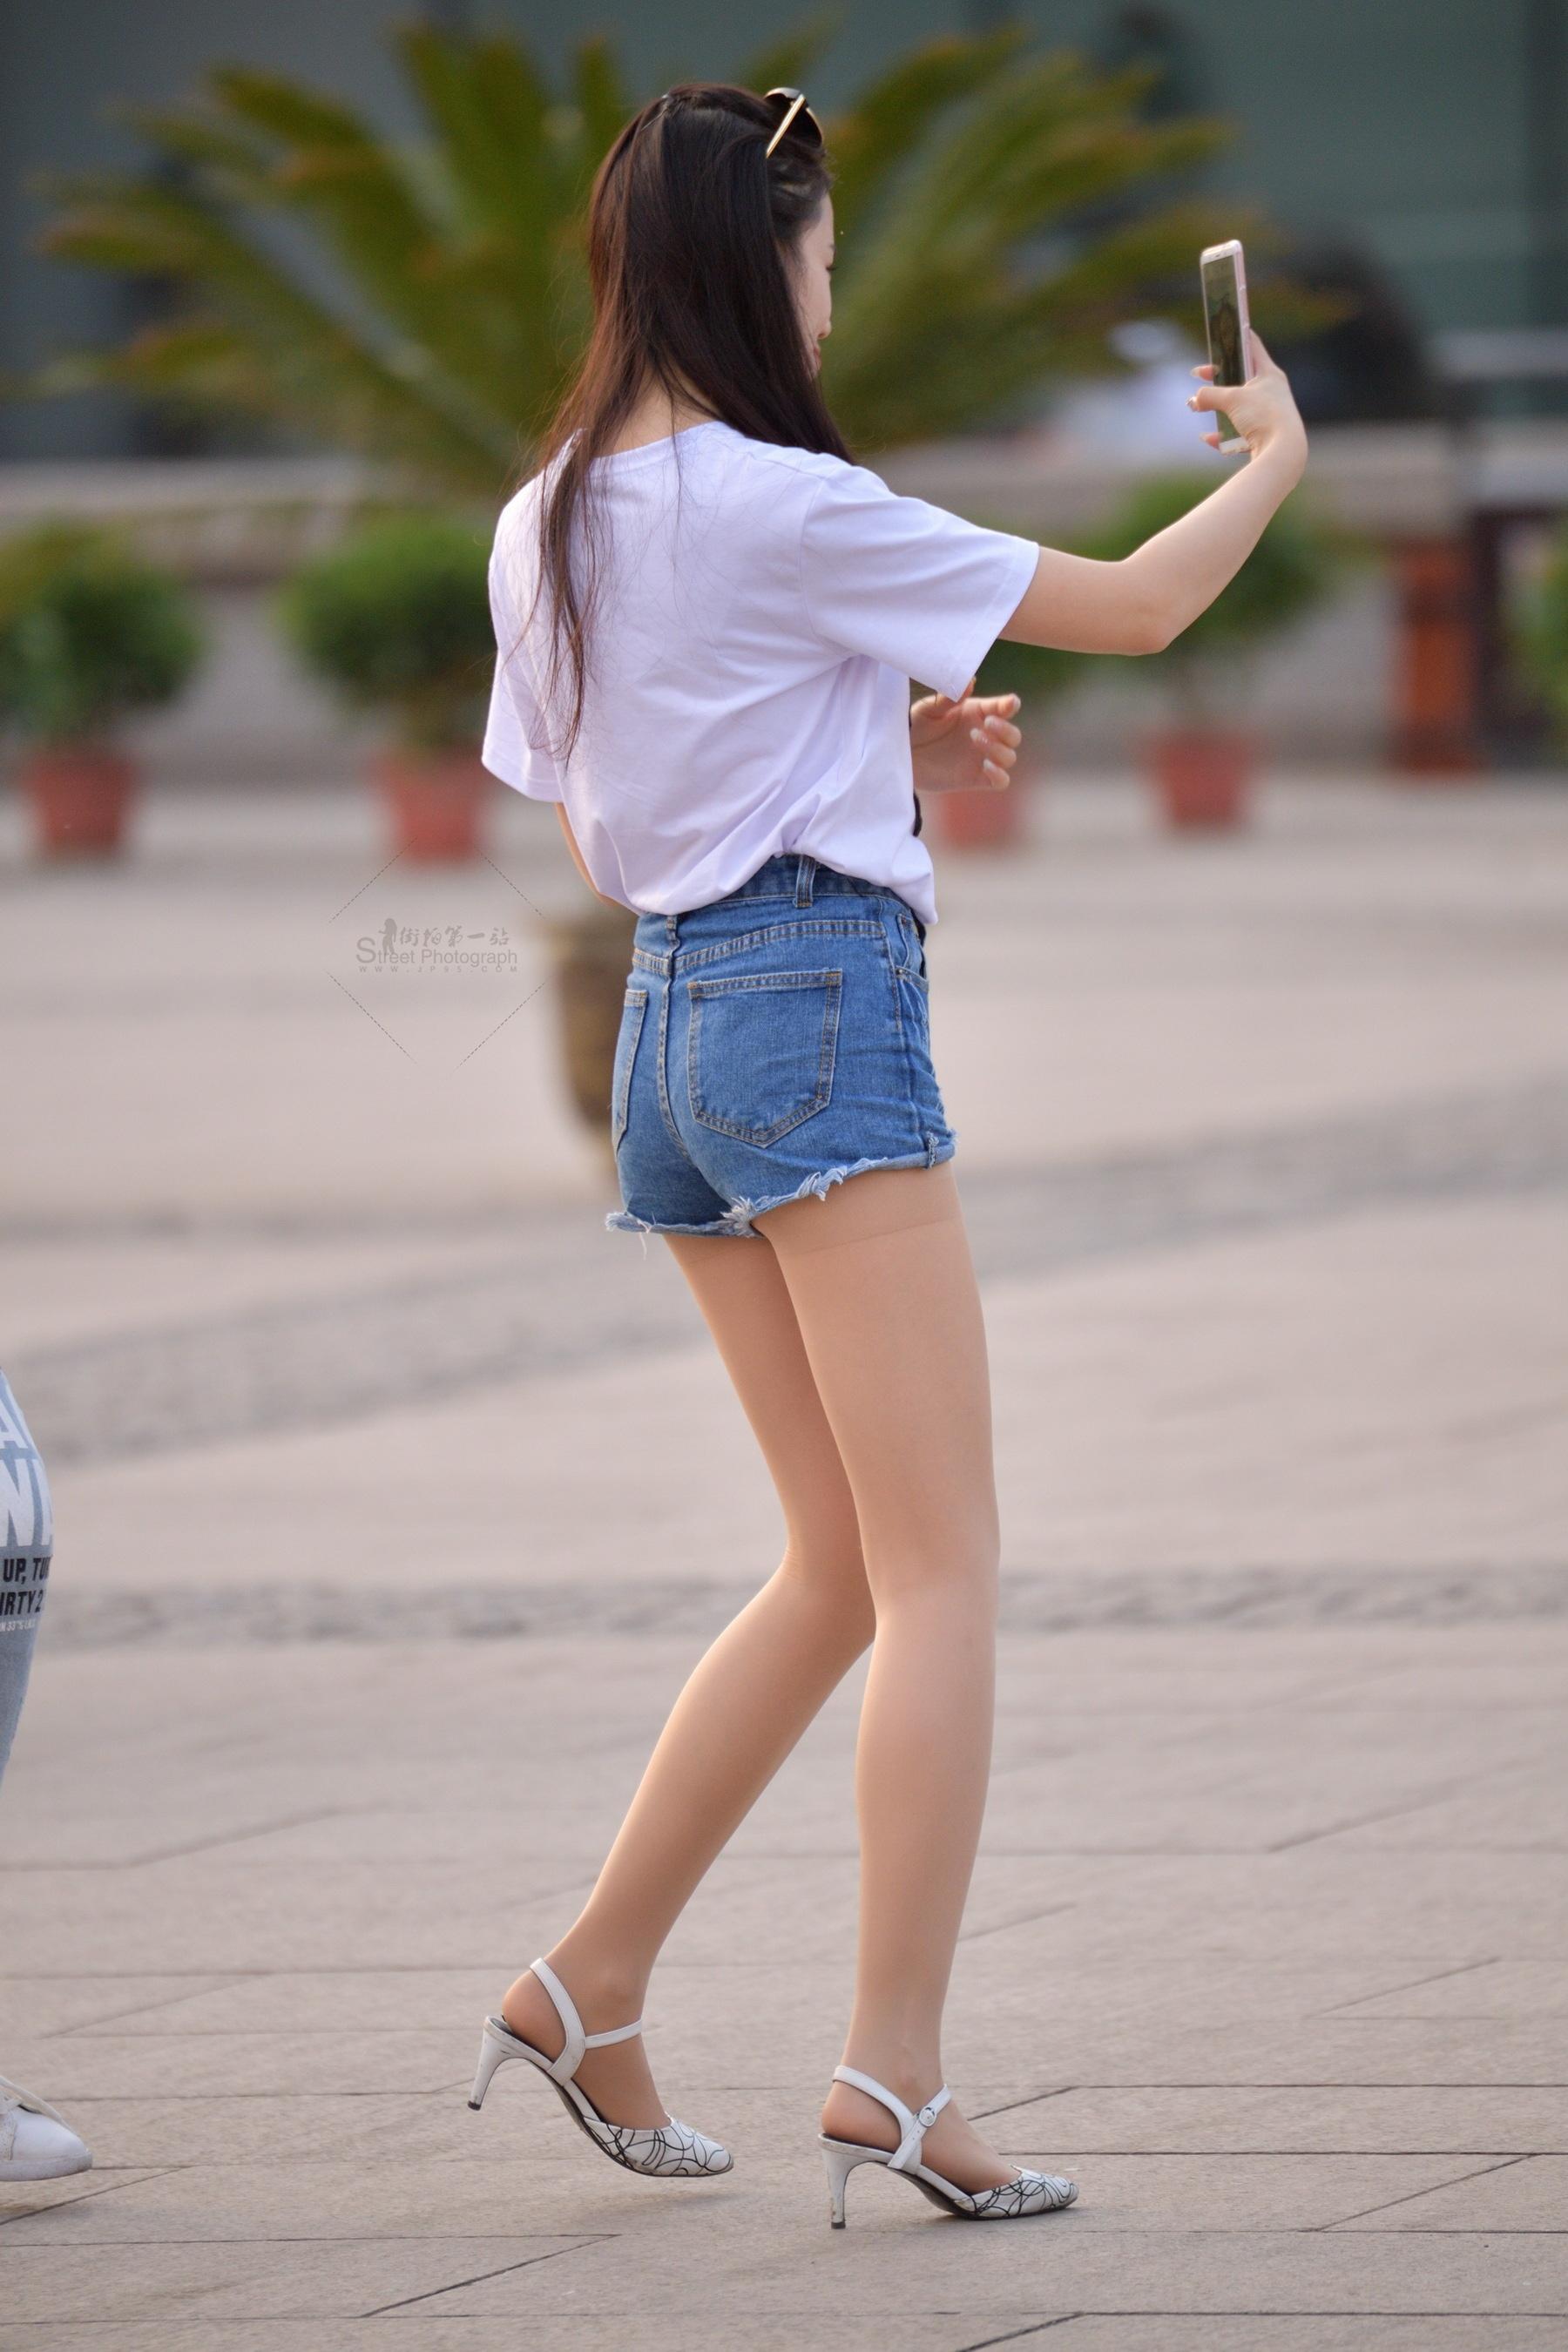 长腿短裤 肉丝袜